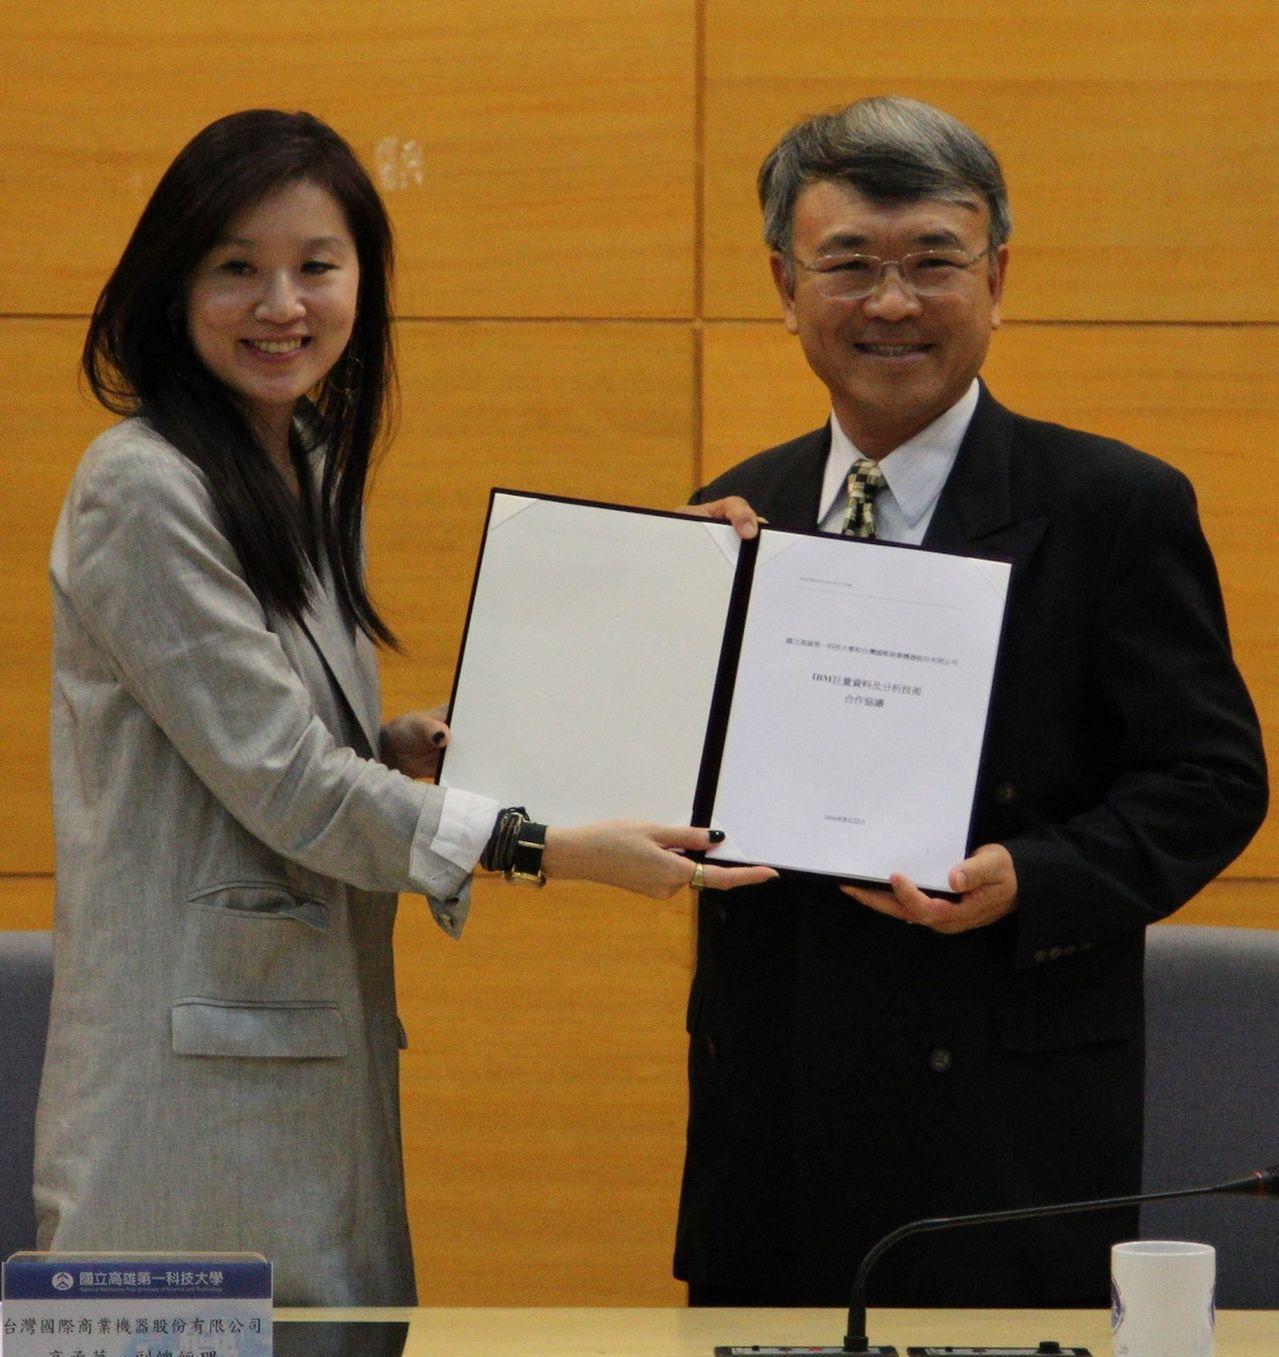 IBM昨由行銷公關副總經理高孟華(左)代表捐贈國立高雄第一科技大學,價值台幣3千...